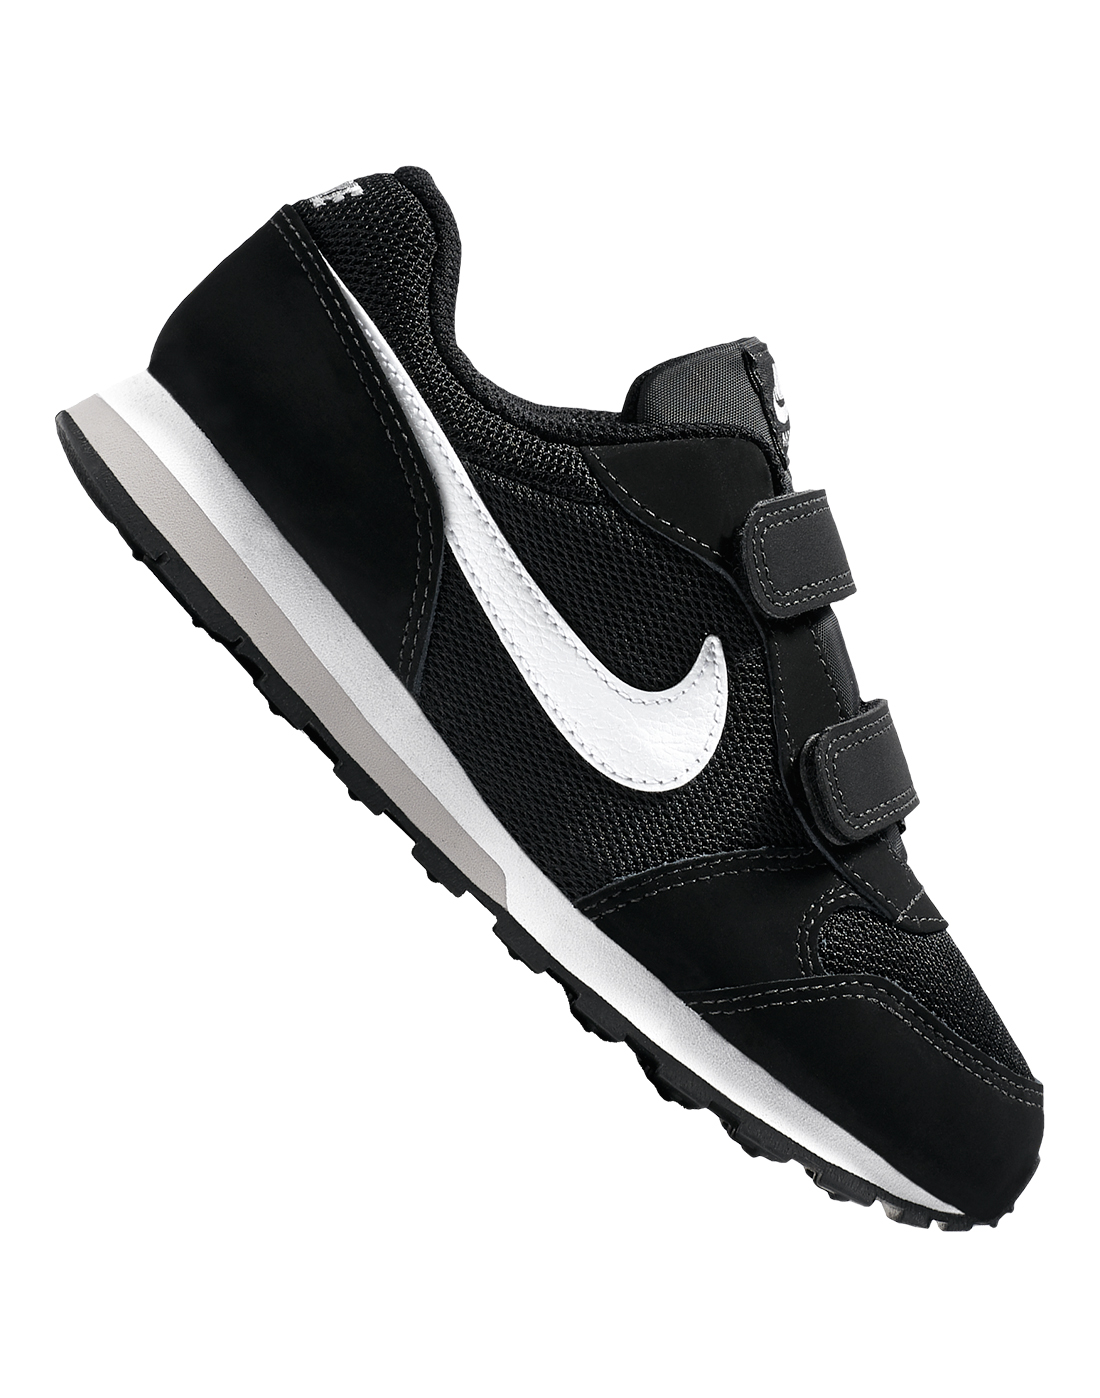 8b9278db37fc78 Nike Younger Kids MD Runner